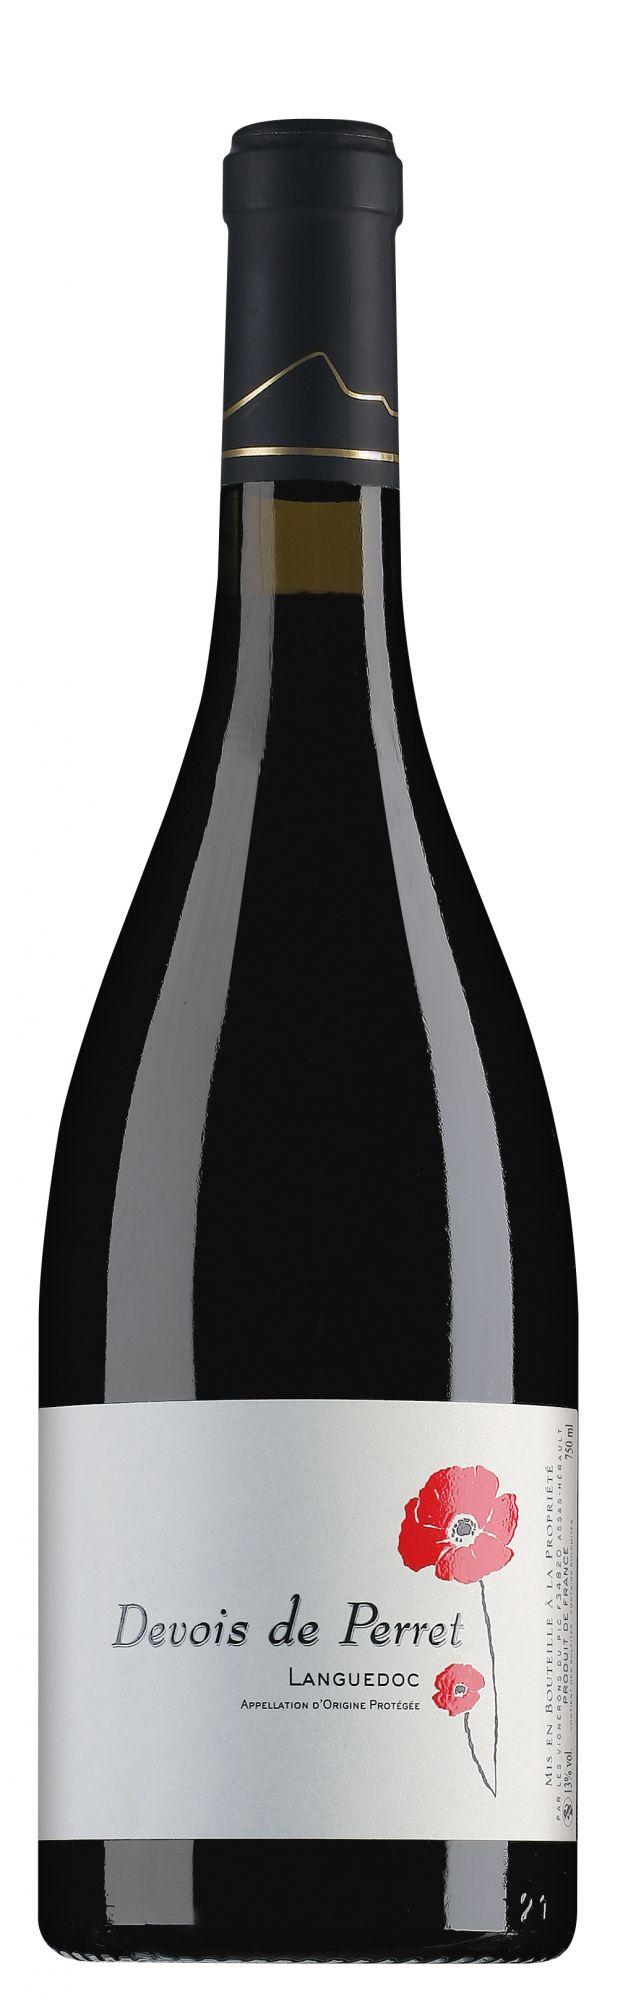 Devois de Perret Coteaux du Languedoc